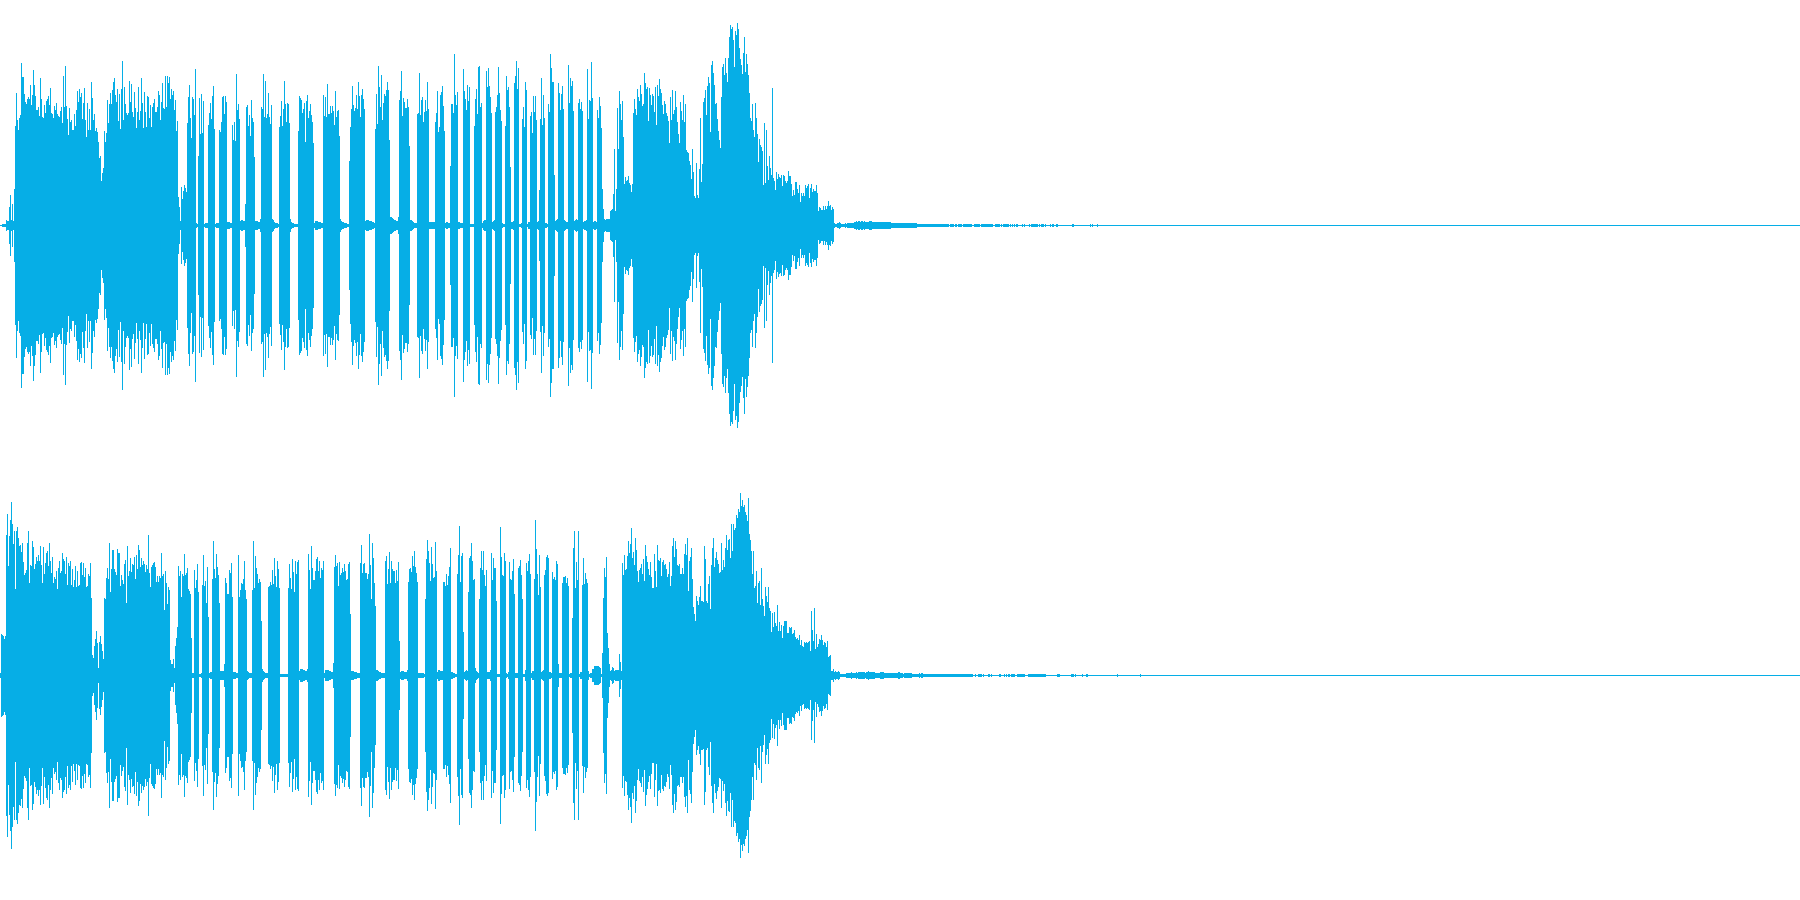 ザップアウトの再生済みの波形